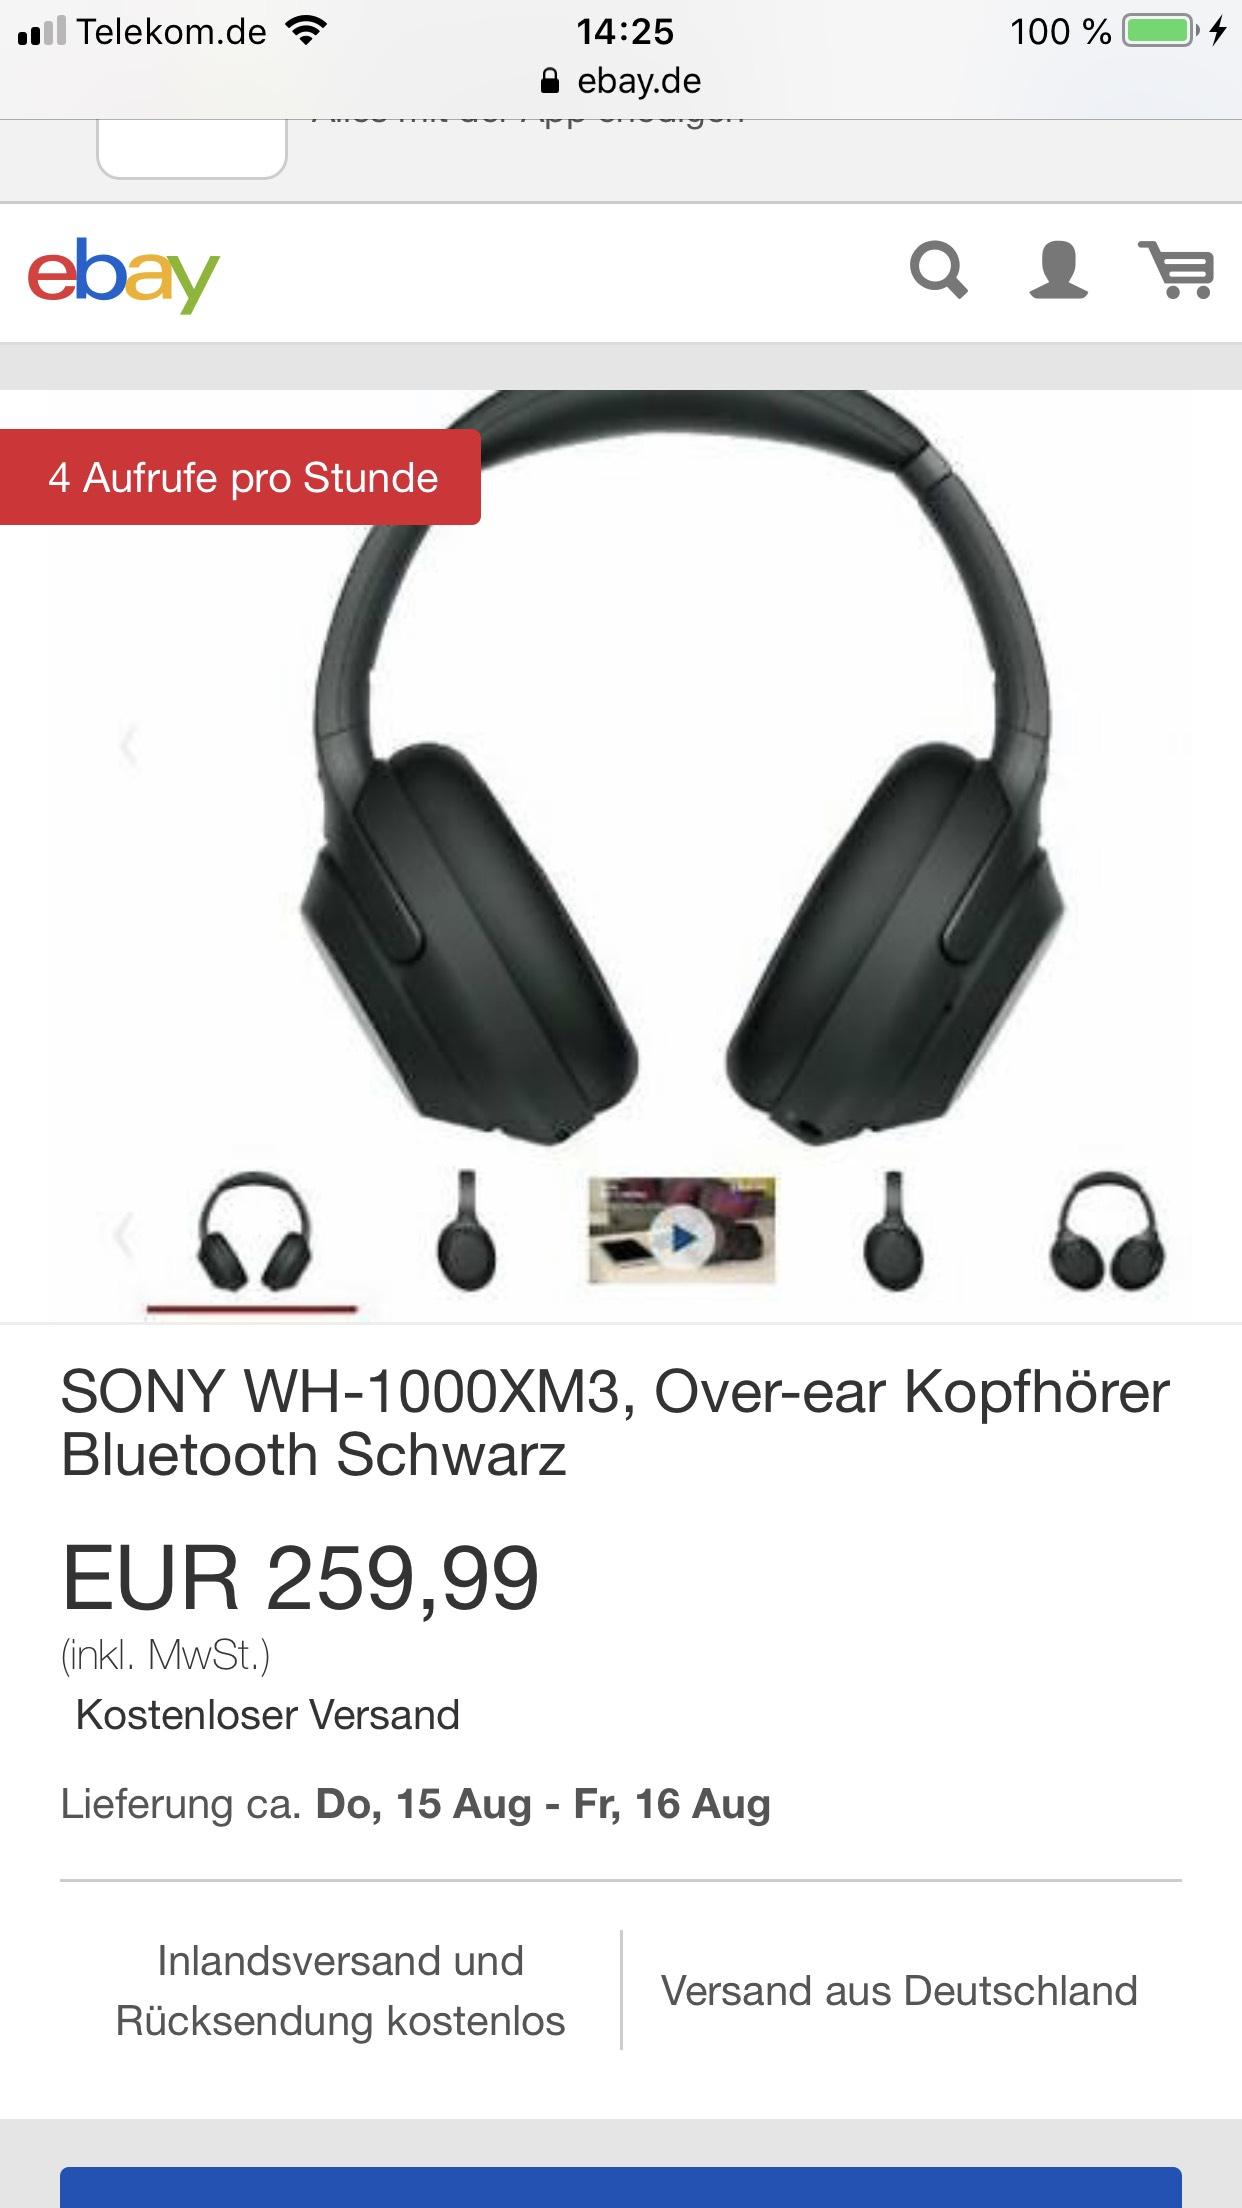 Ebay (MediaMarktMagdeburg) Sony wh-1000xm3 Black